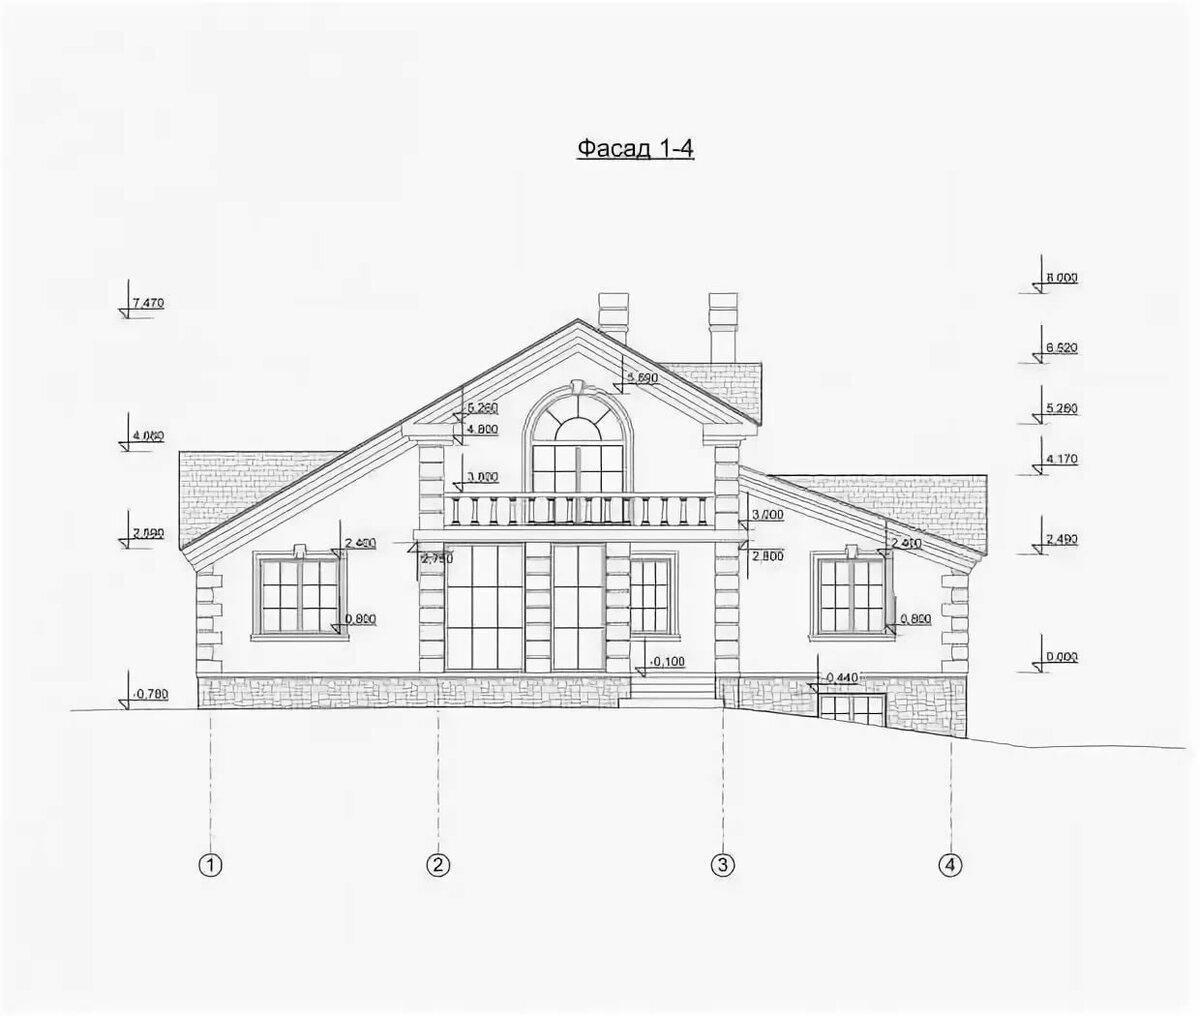 чертеж дома и его реализация картинка удивительно, что спустя